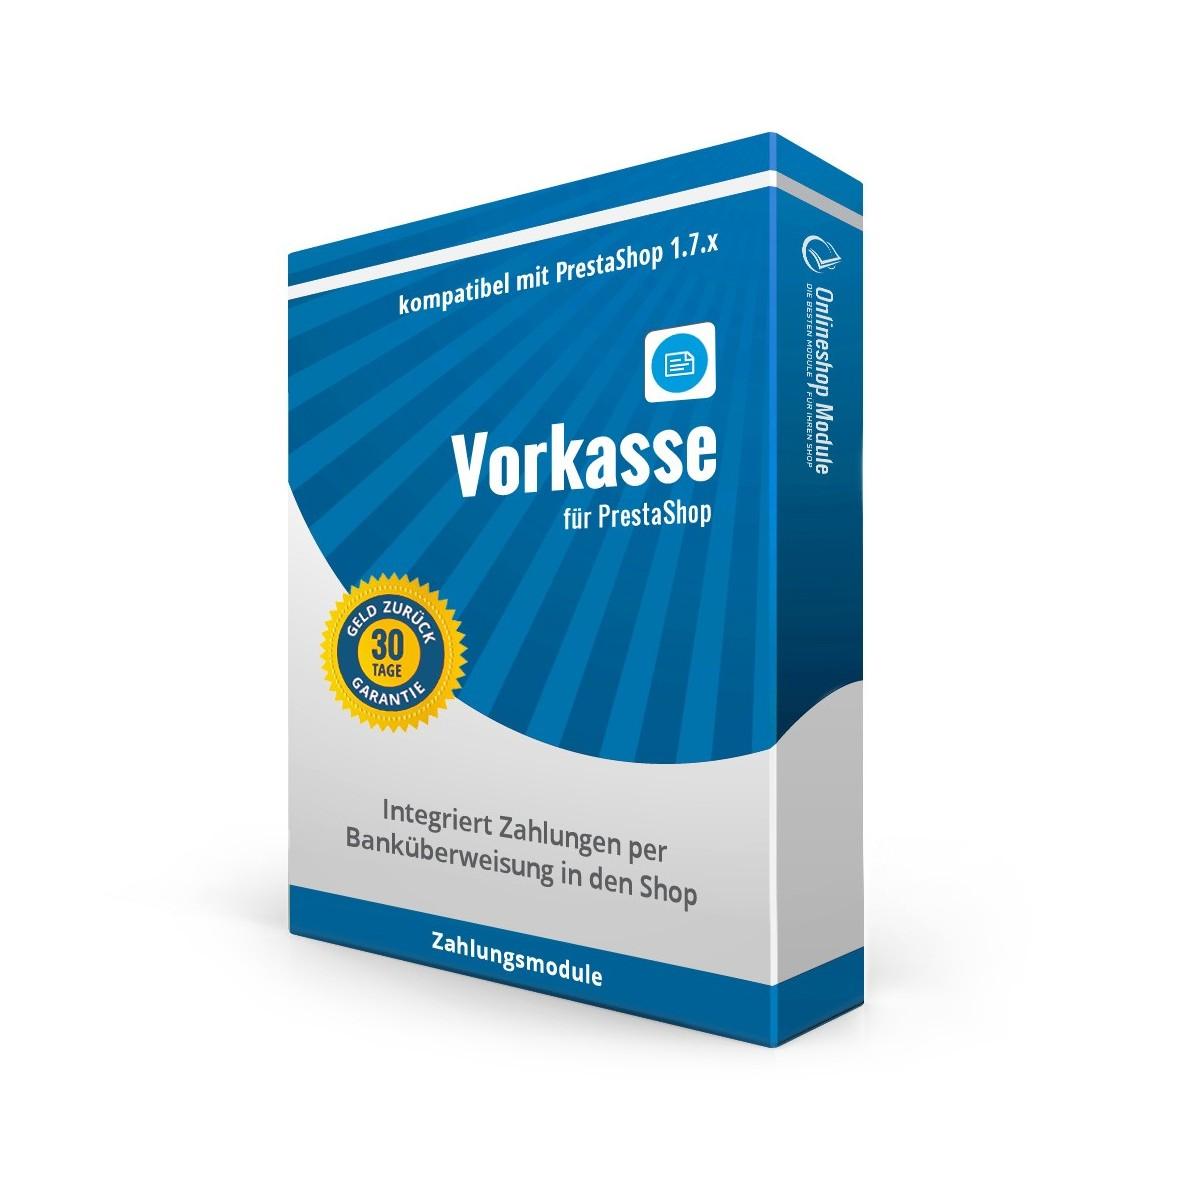 Vorkasse, Zahlungsmodul PS1.7.x